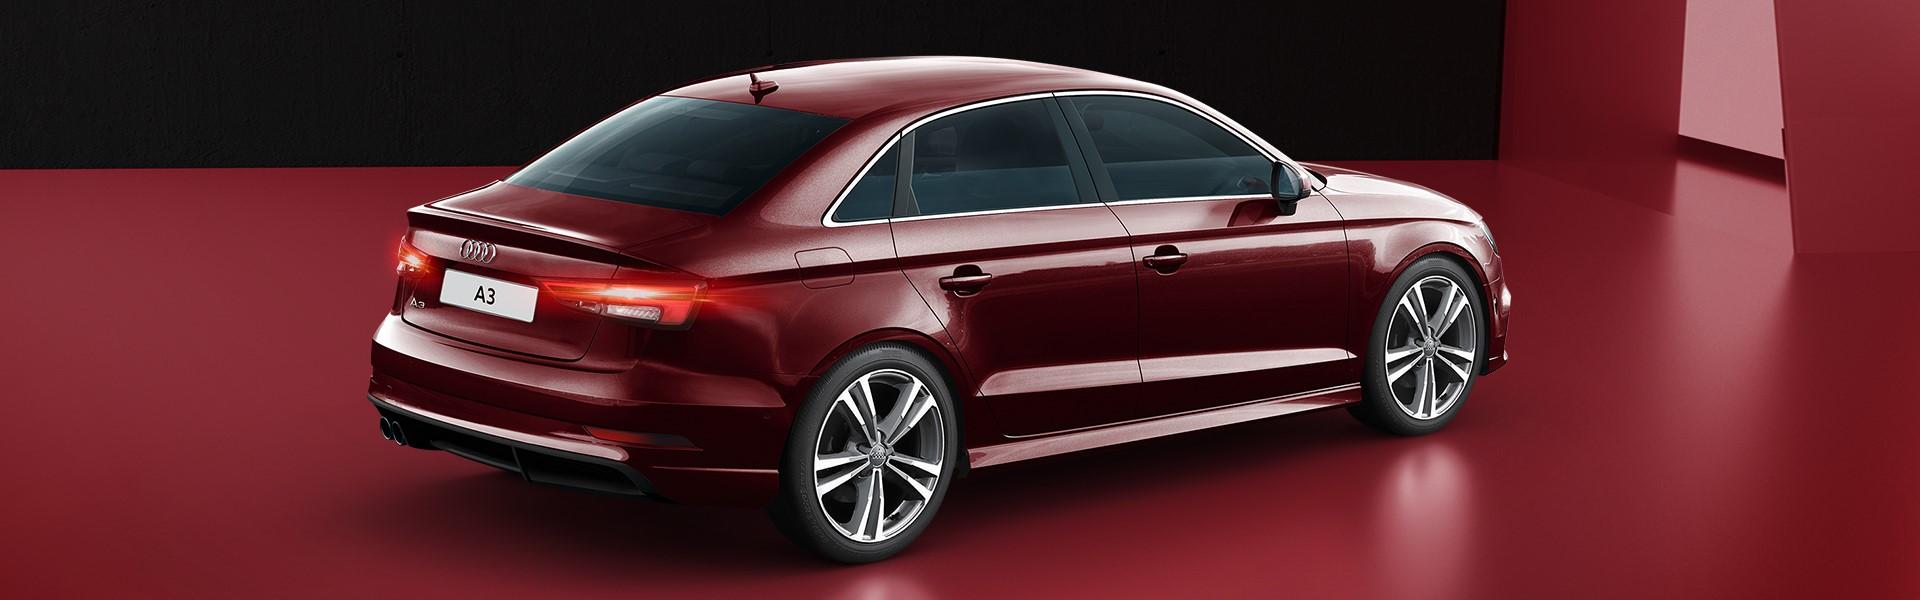 Audi завела новую линейку Premium